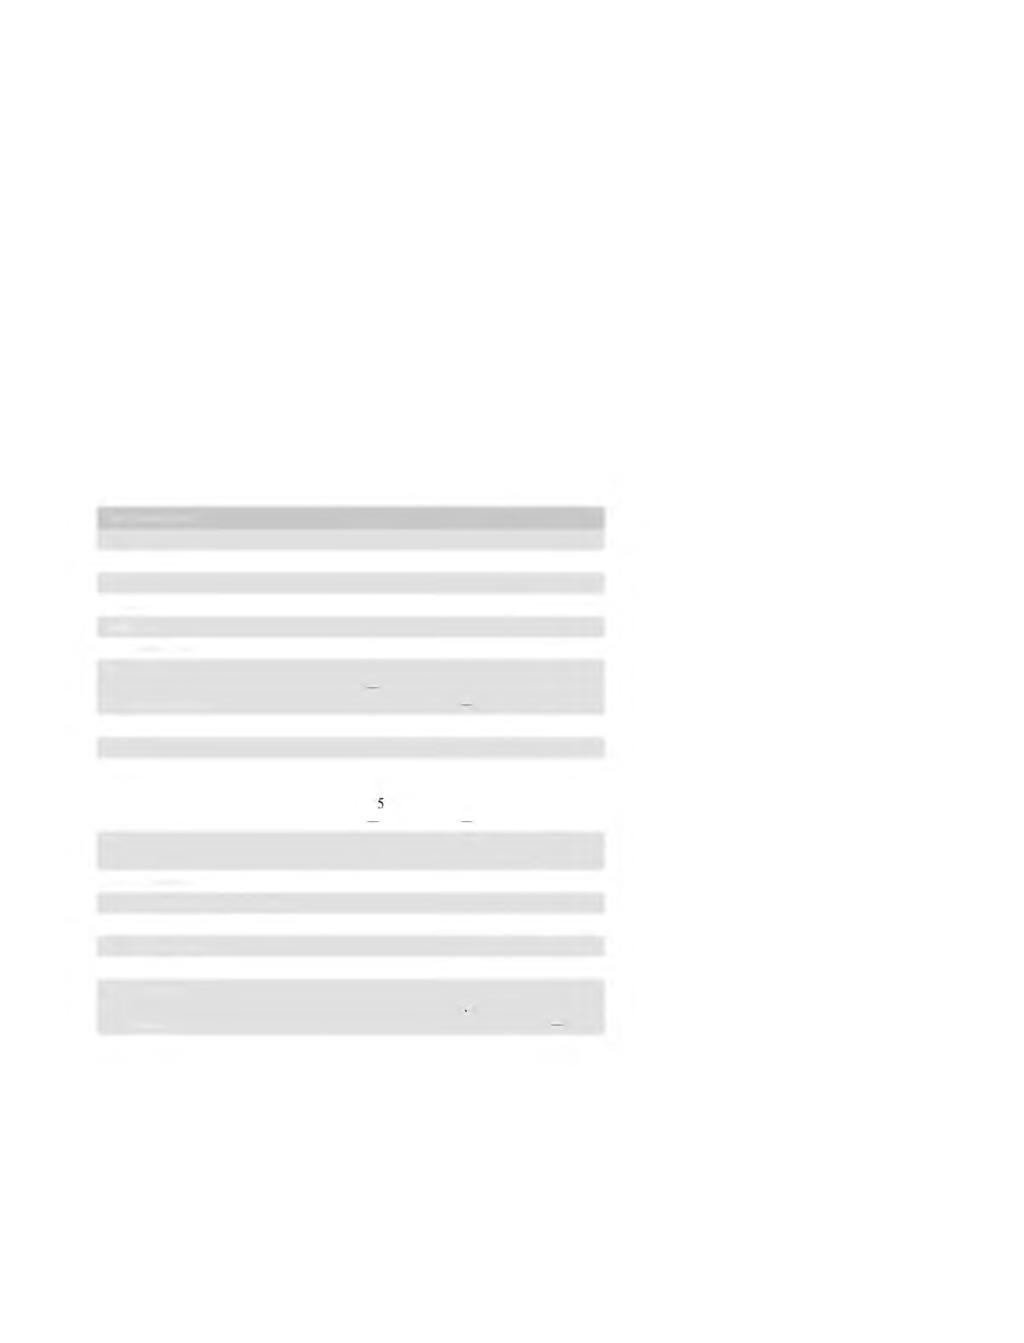 Усейн болт - биография, рекорды, факты